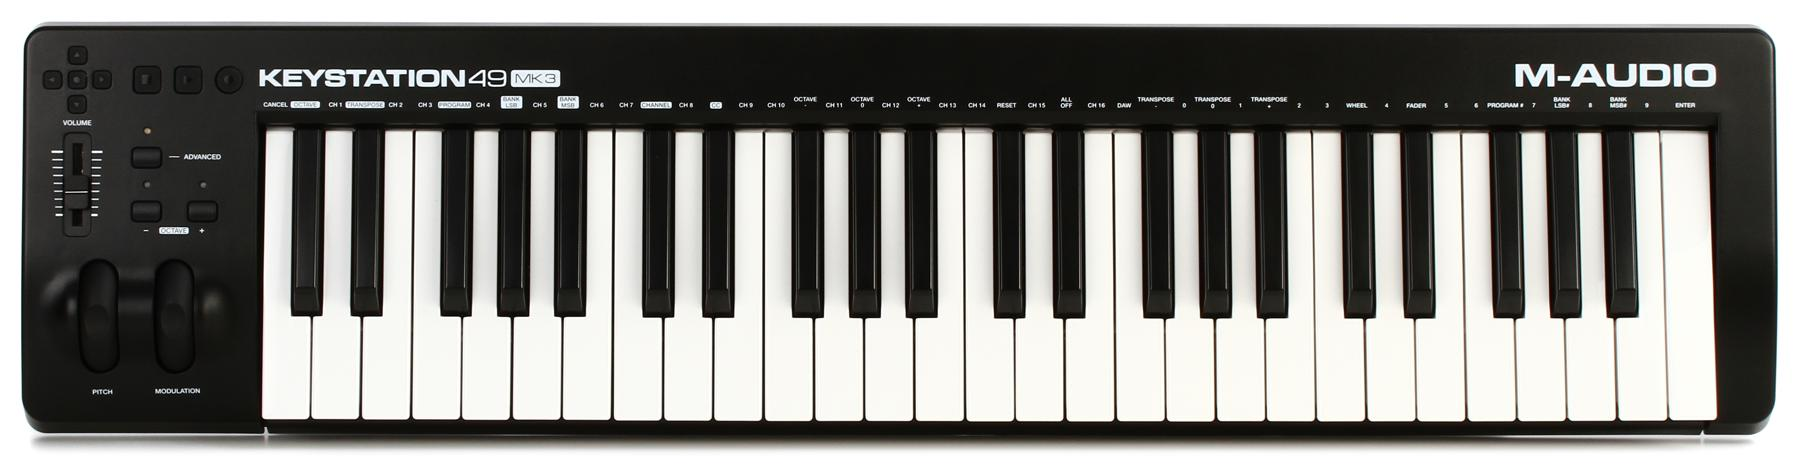 5.  M-Audio Keystation 49 MK3